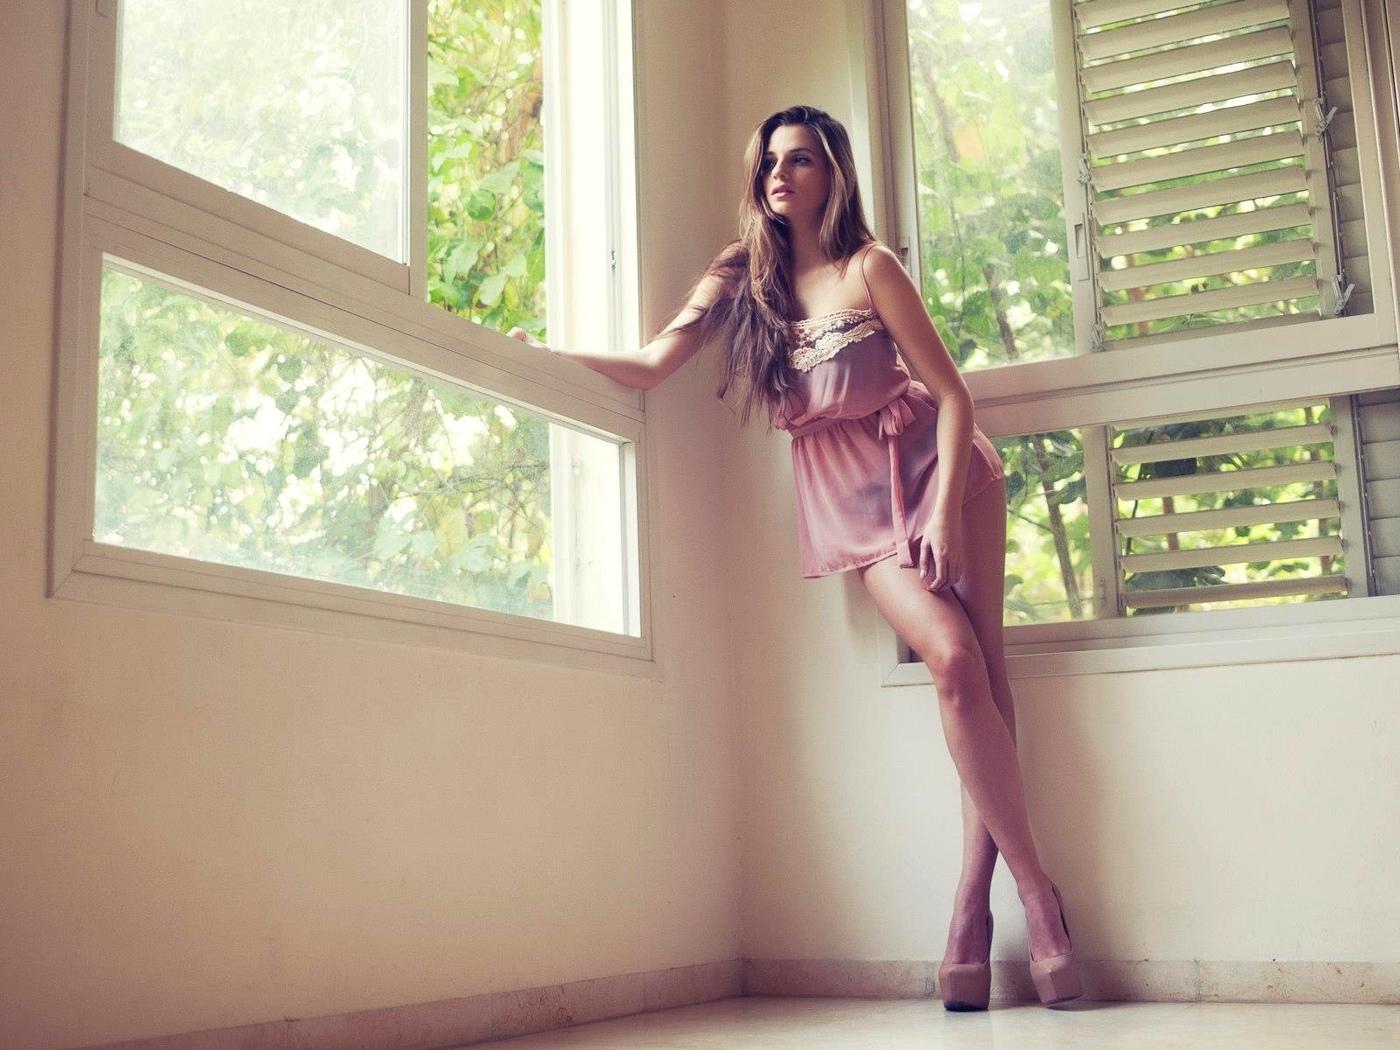 девушки, zoya grinberg, окно, высокие каблуки, каблуки, model